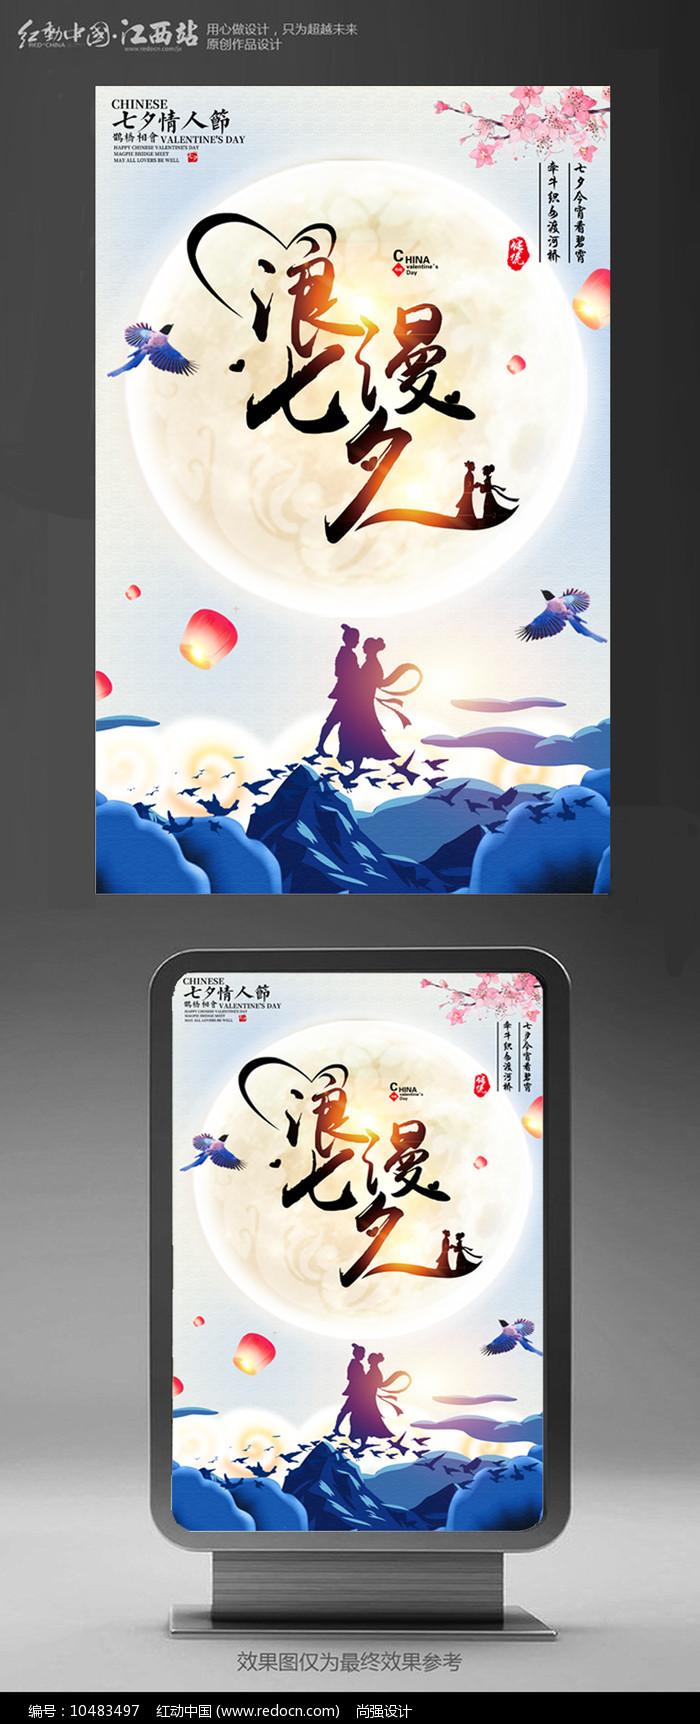 浪漫七夕节海报设计图片